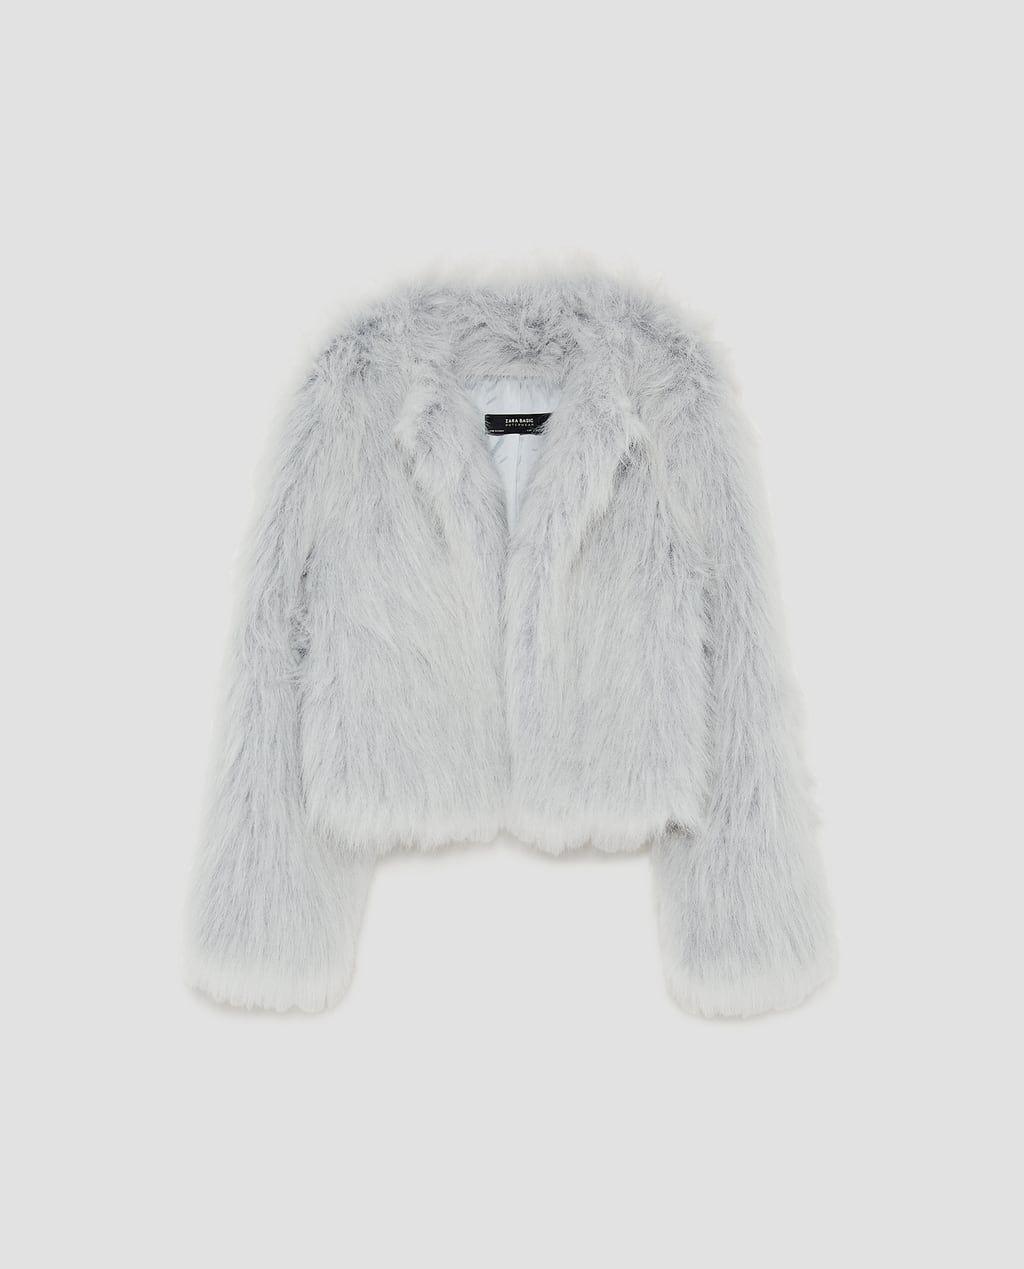 40 abrigos y chaquetas de Zara que fichar antes de las rebajas